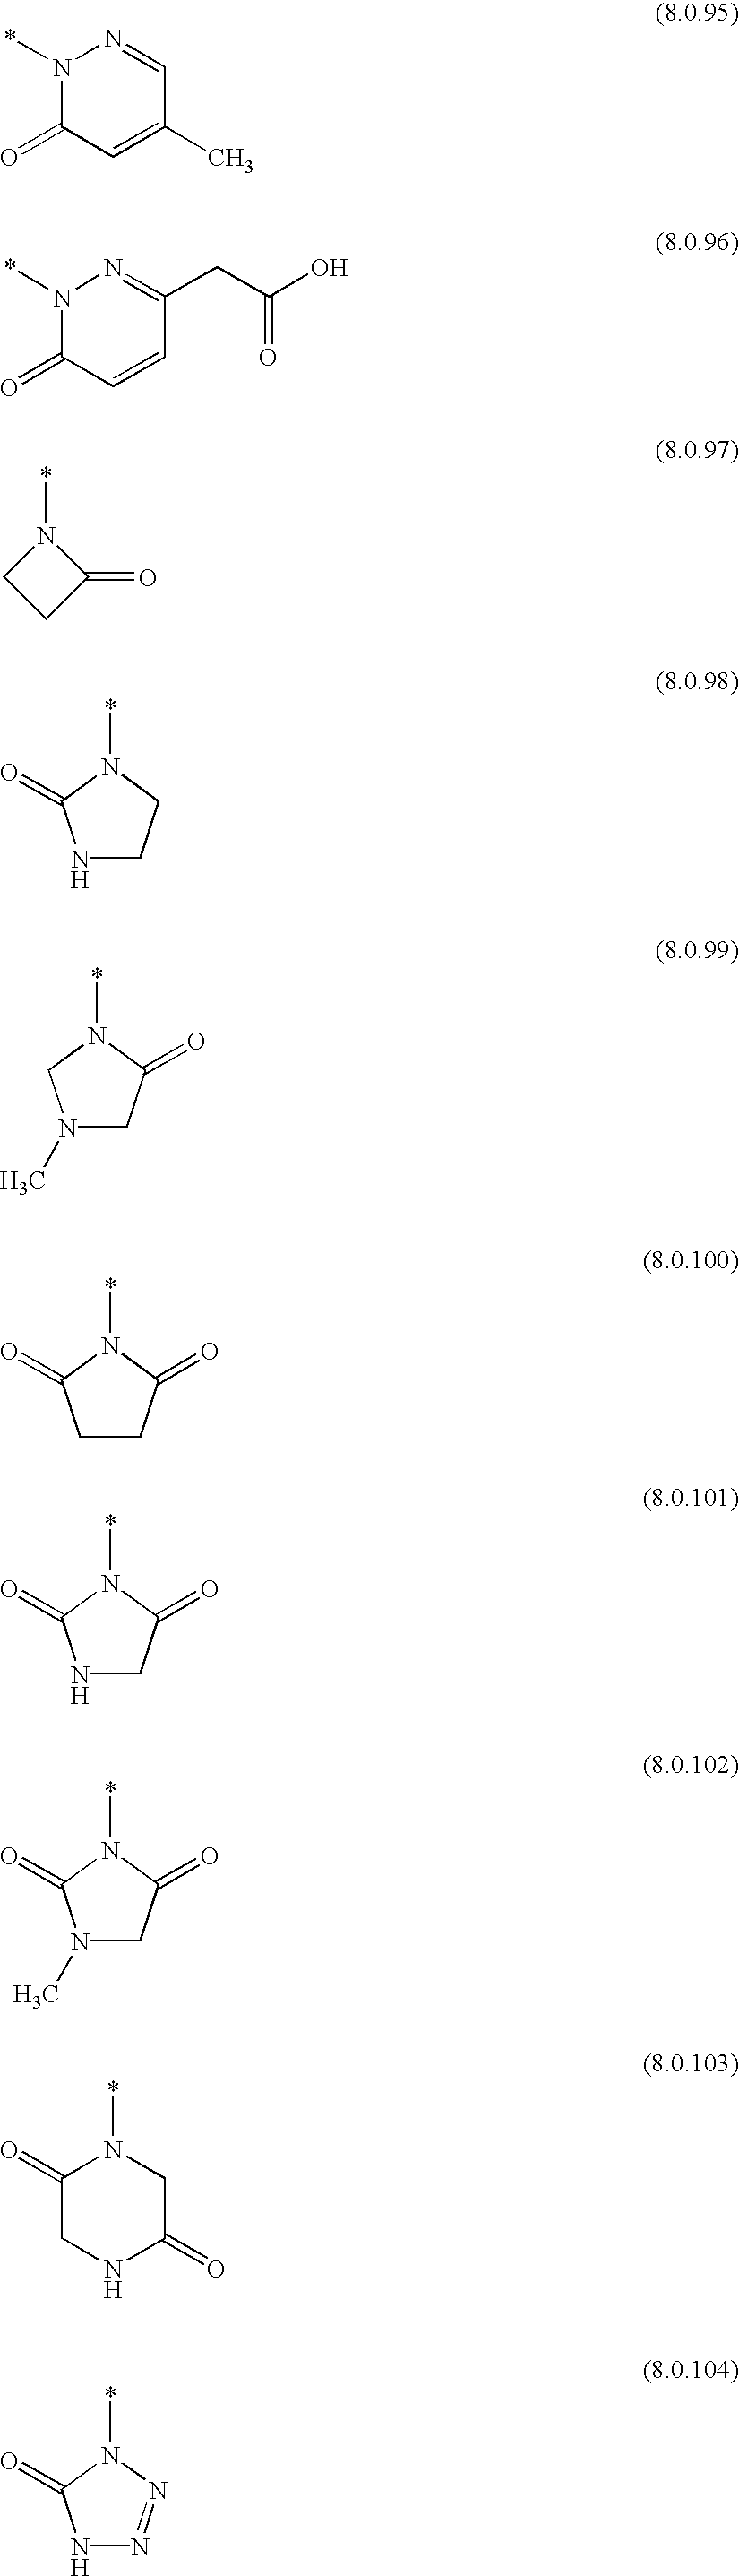 Figure US20030186974A1-20031002-C00215